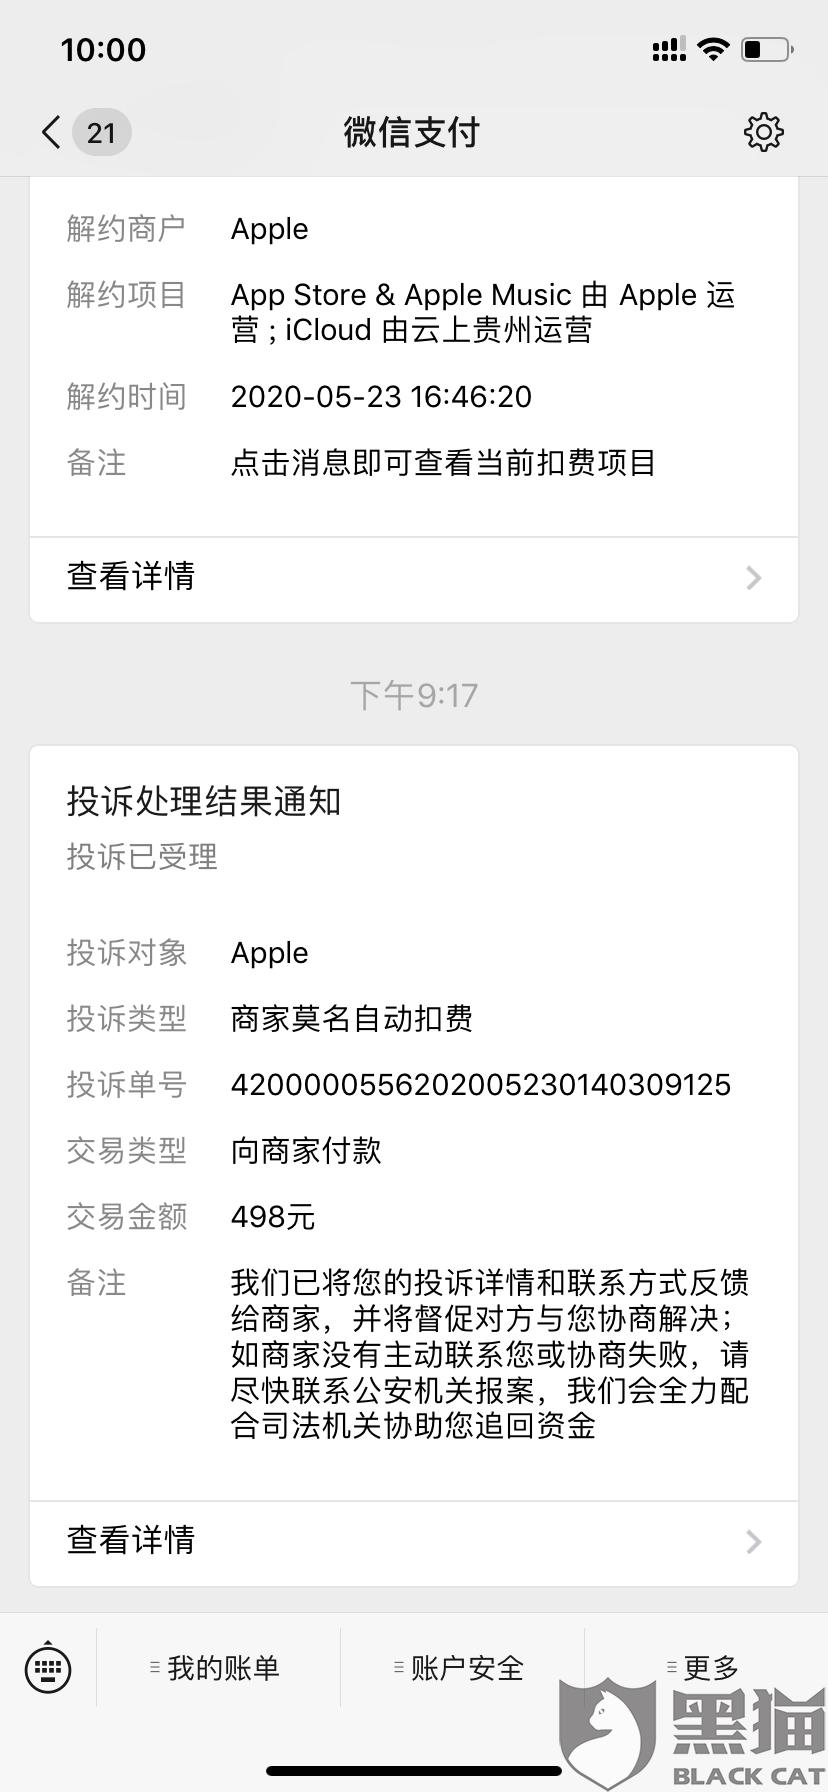 黑猫投诉:Apple旗下产品蓄意扣费